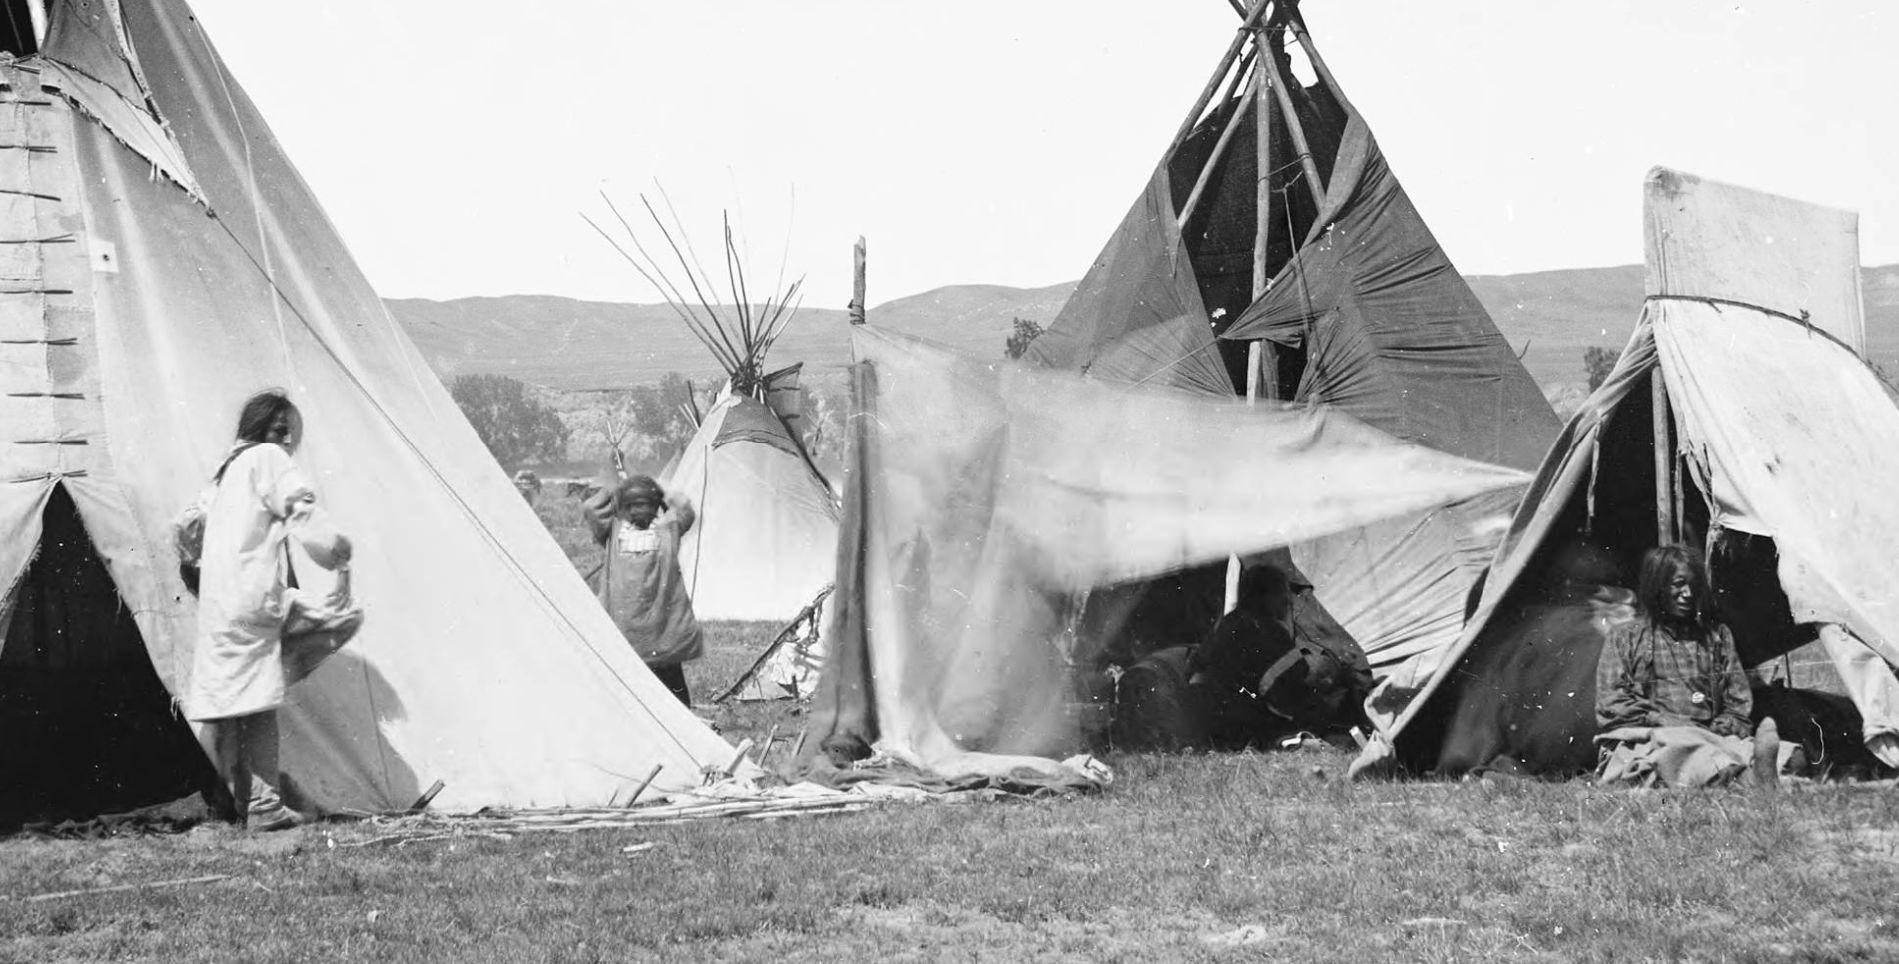 http://www.american-tribes.com/messageboards/dietmar/raininthefacehome.jpg